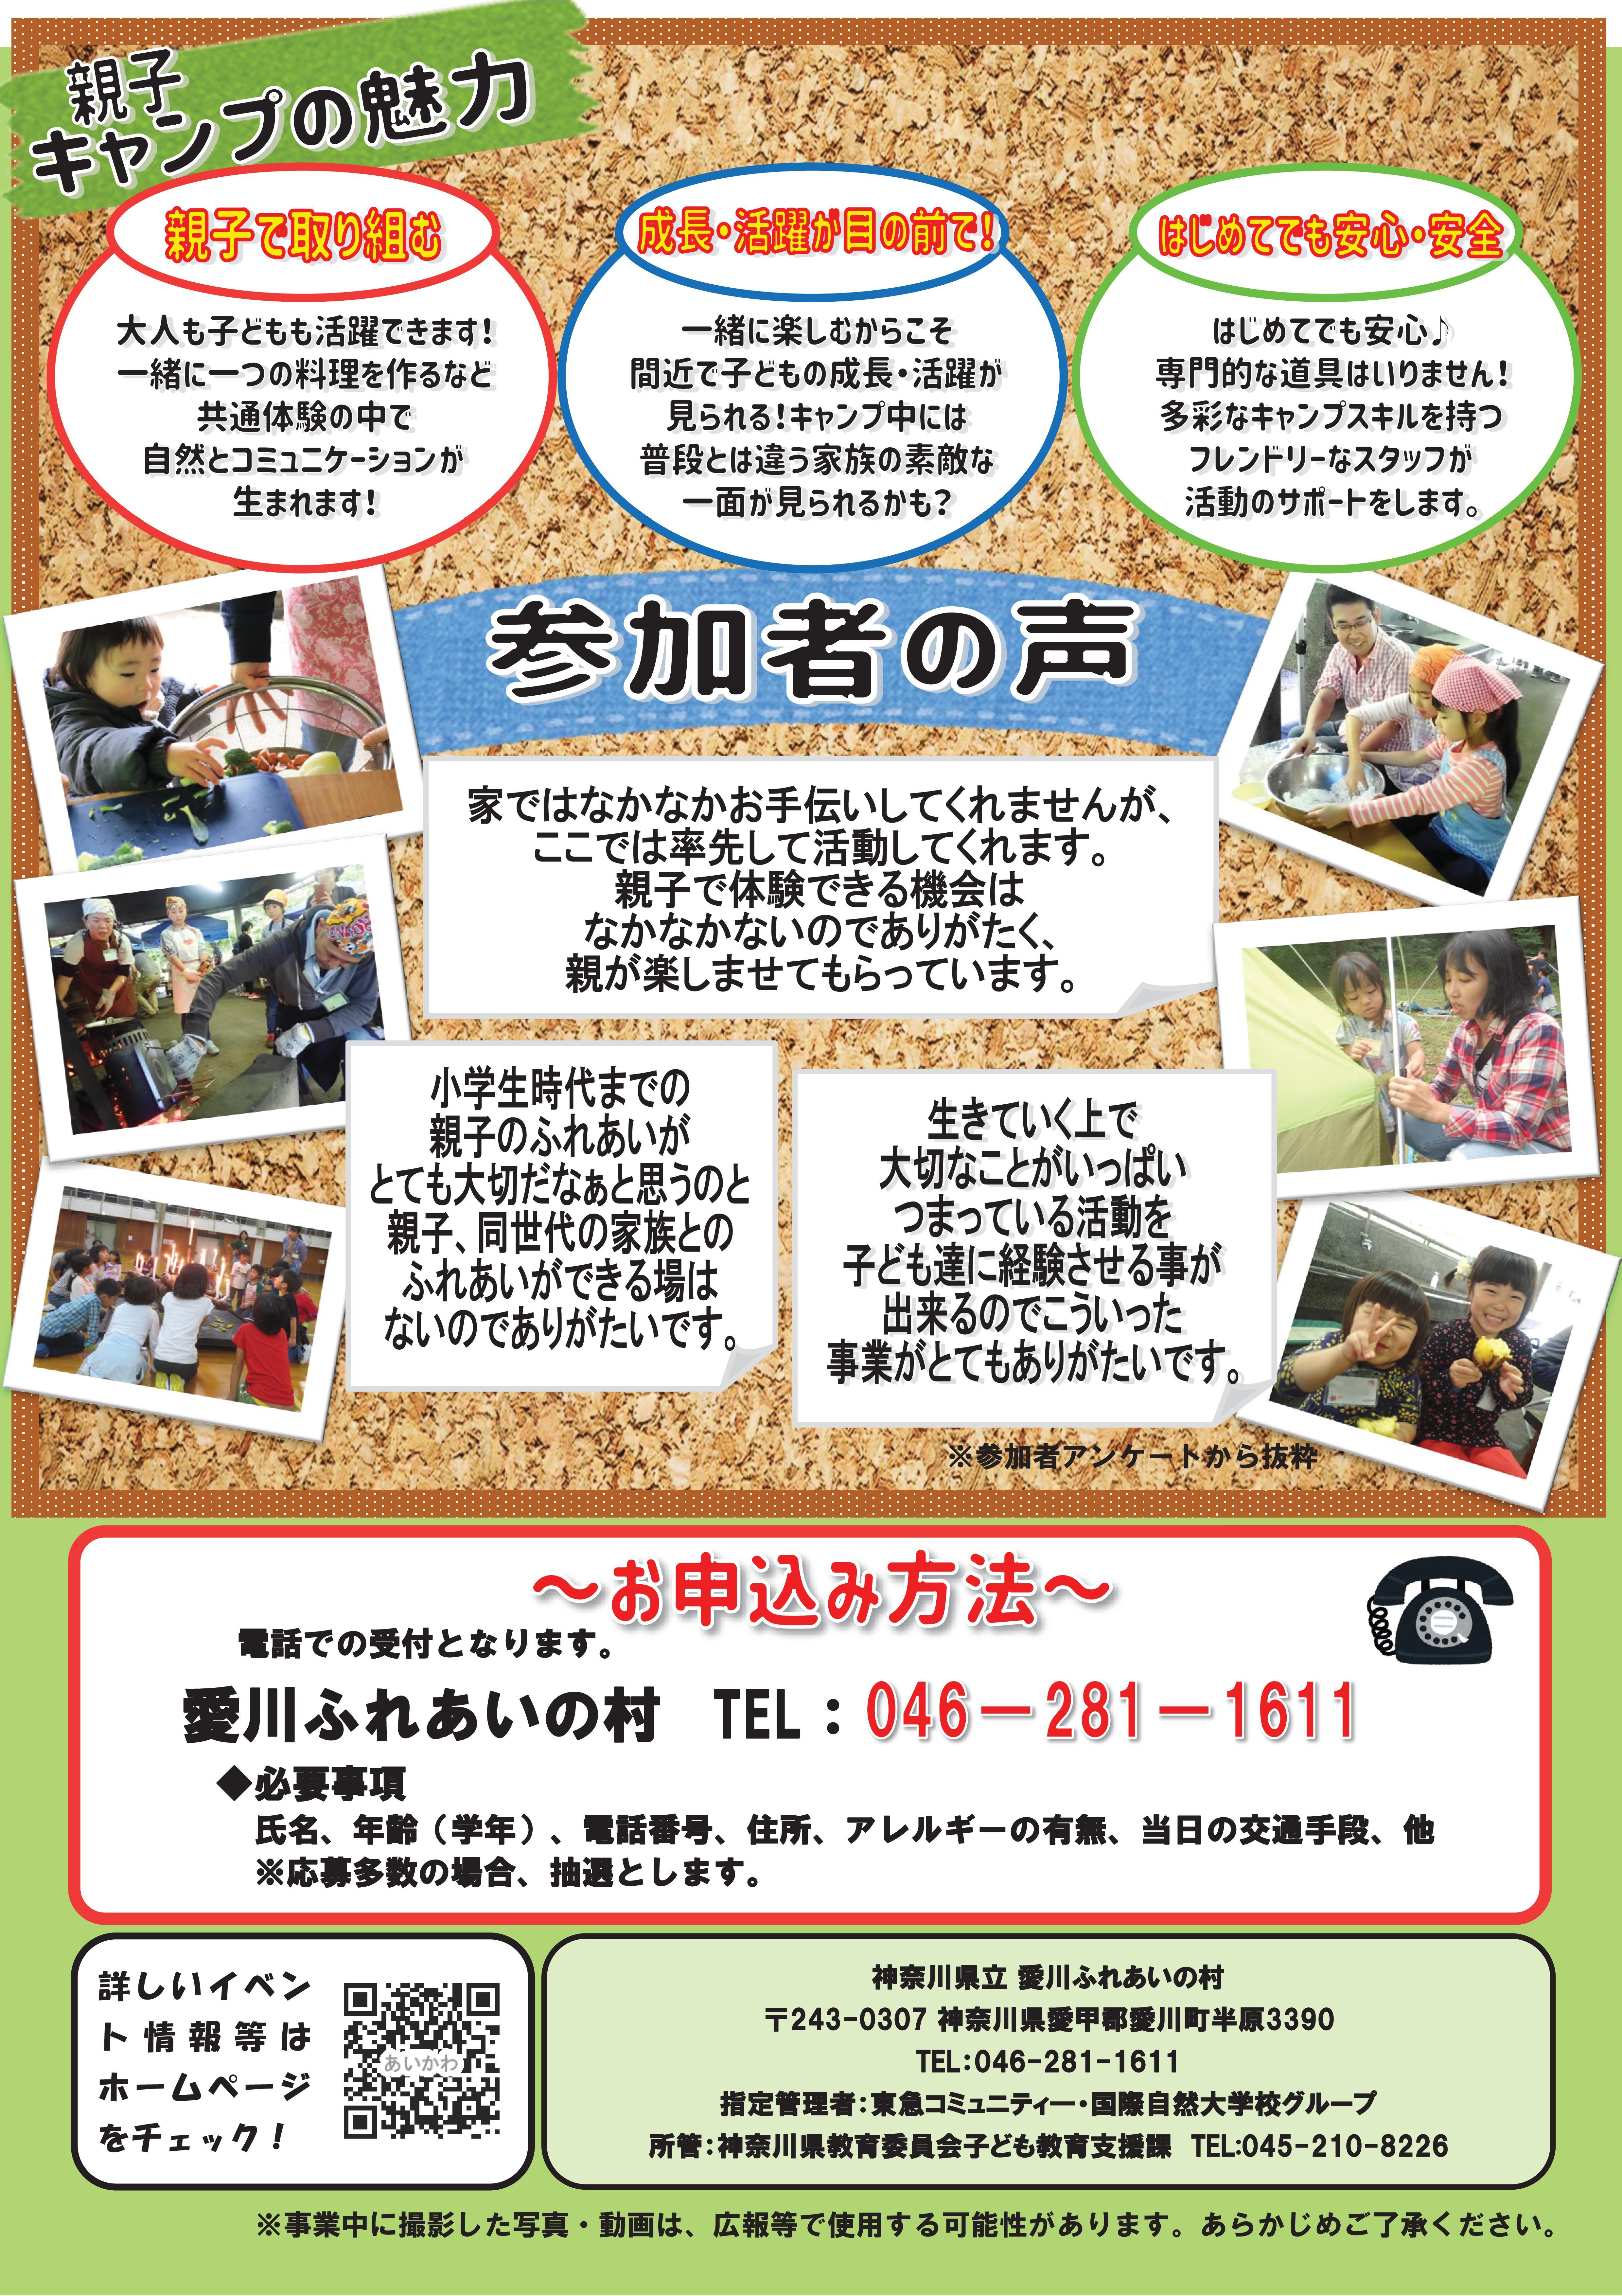 親子キャンプ年間(裏).jpg